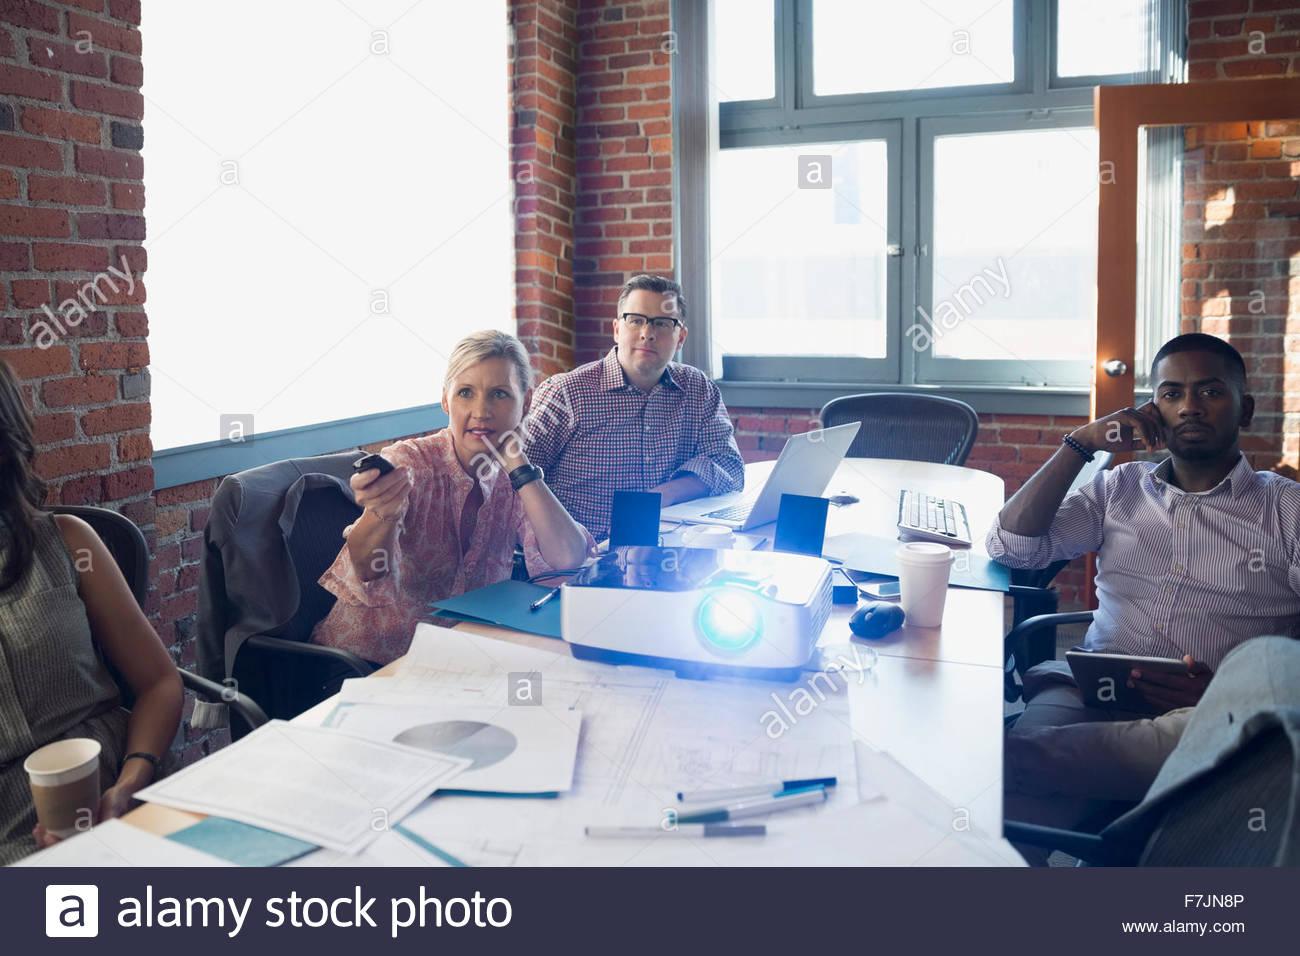 La gente di affari utilizzando un proiettore in sala conferenza incontro Immagini Stock